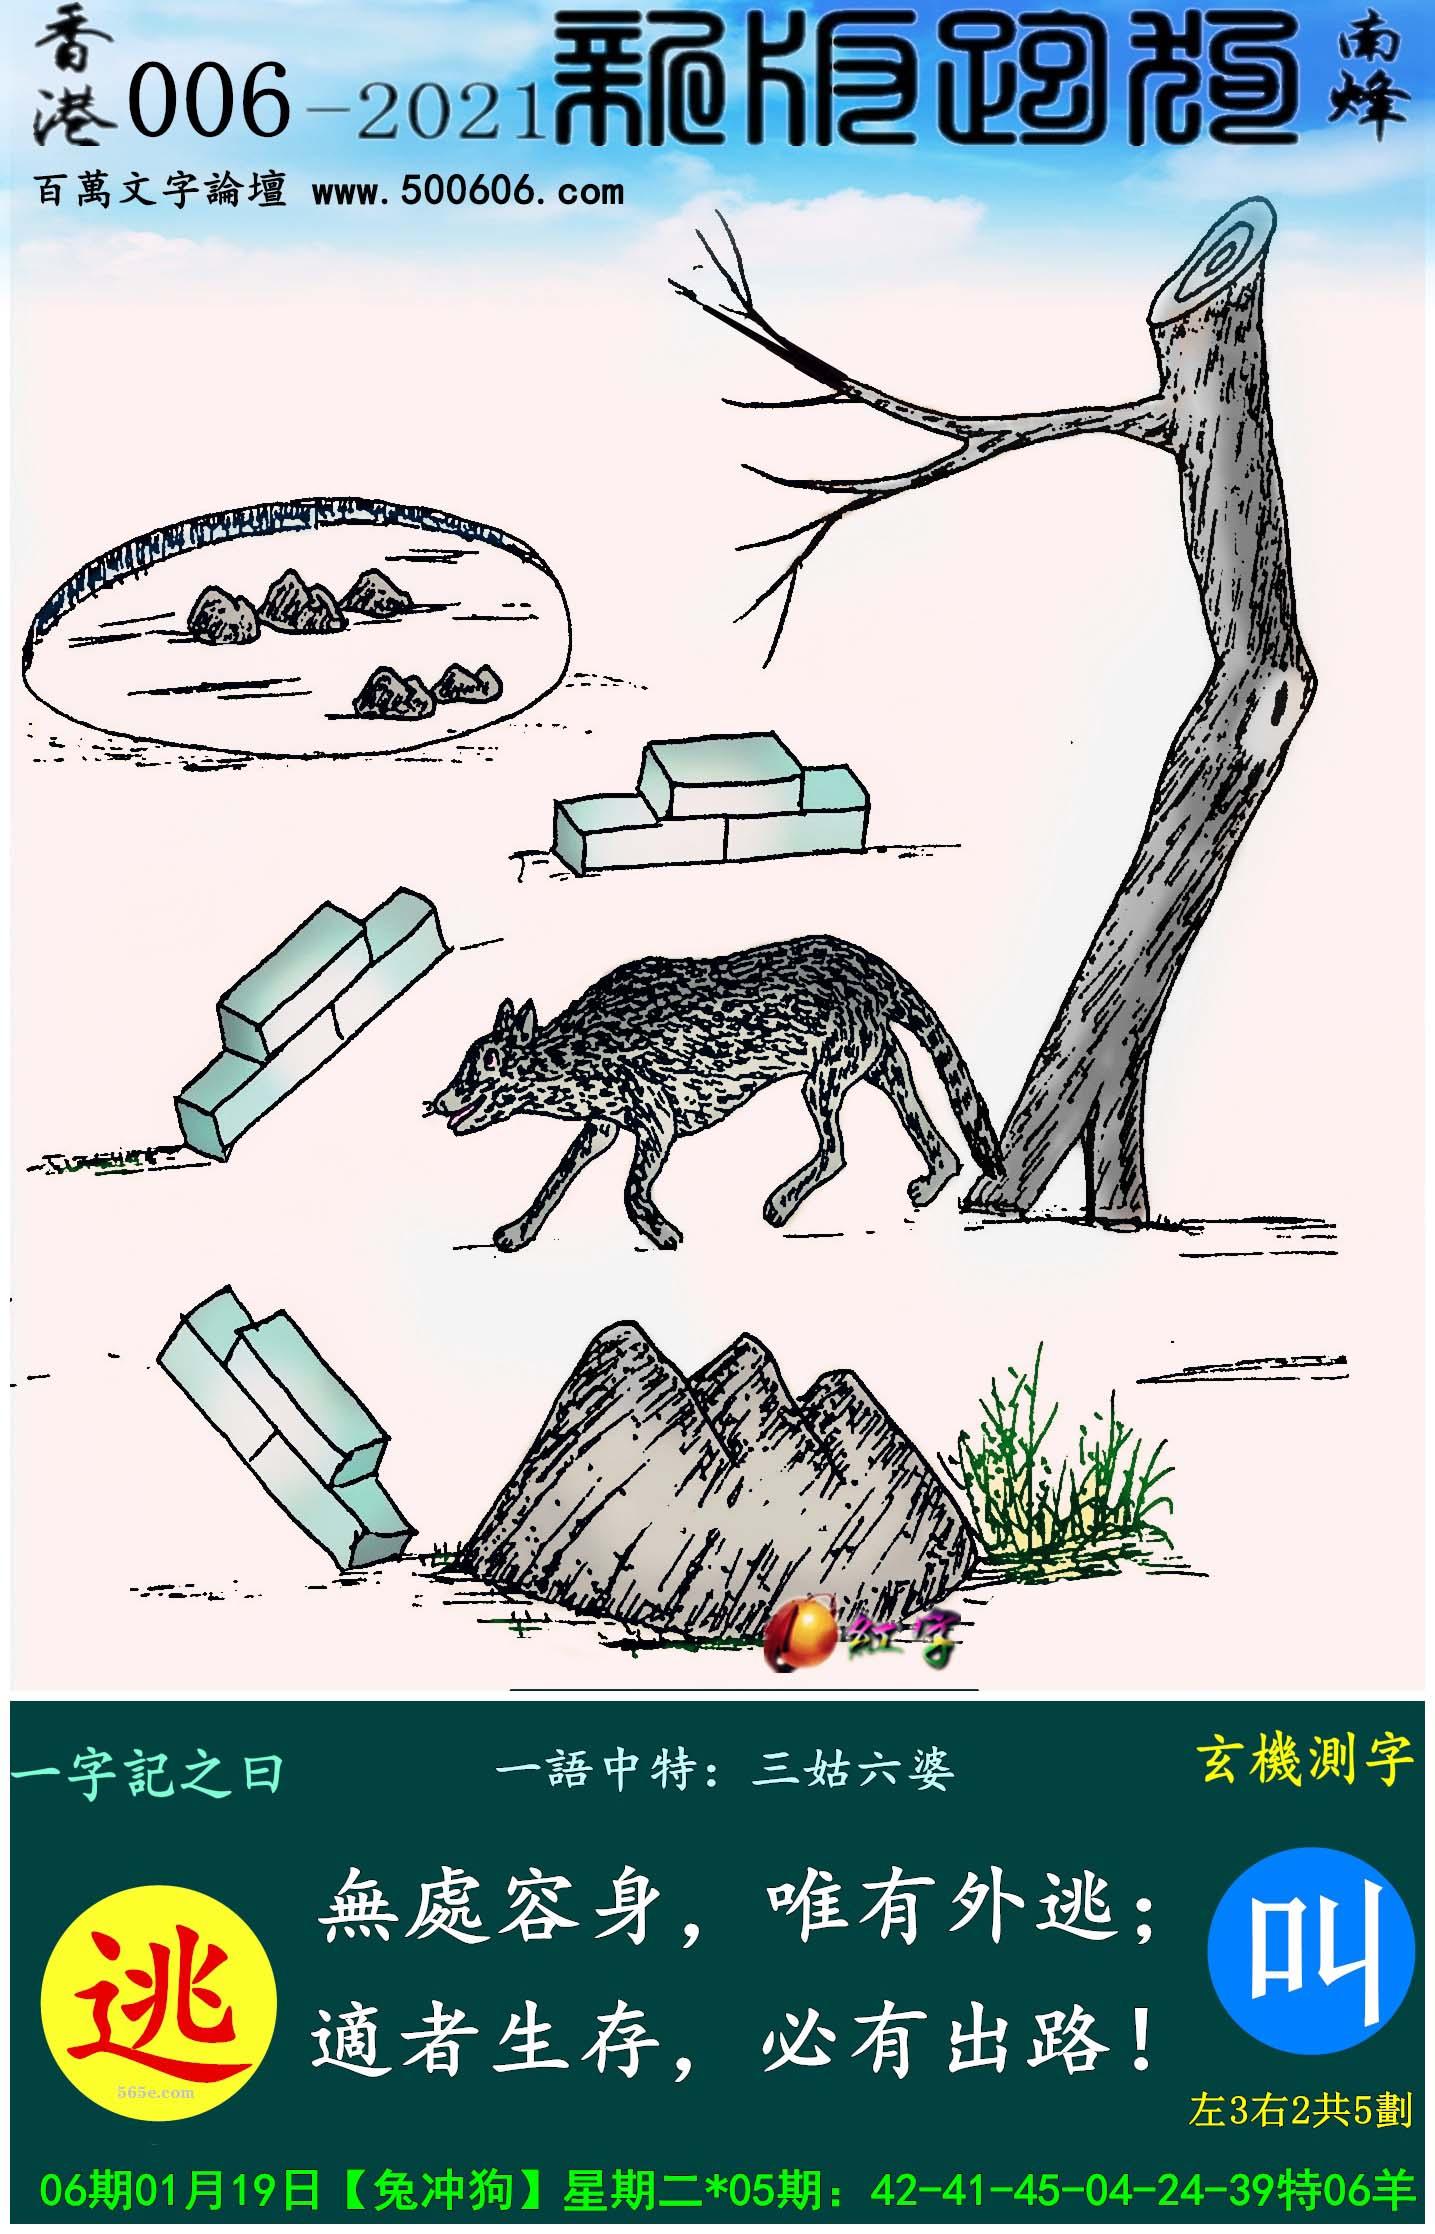 006期跑狗一字�之曰:【逃】 �o�容身,唯有外逃; �m者生存,必有出路!